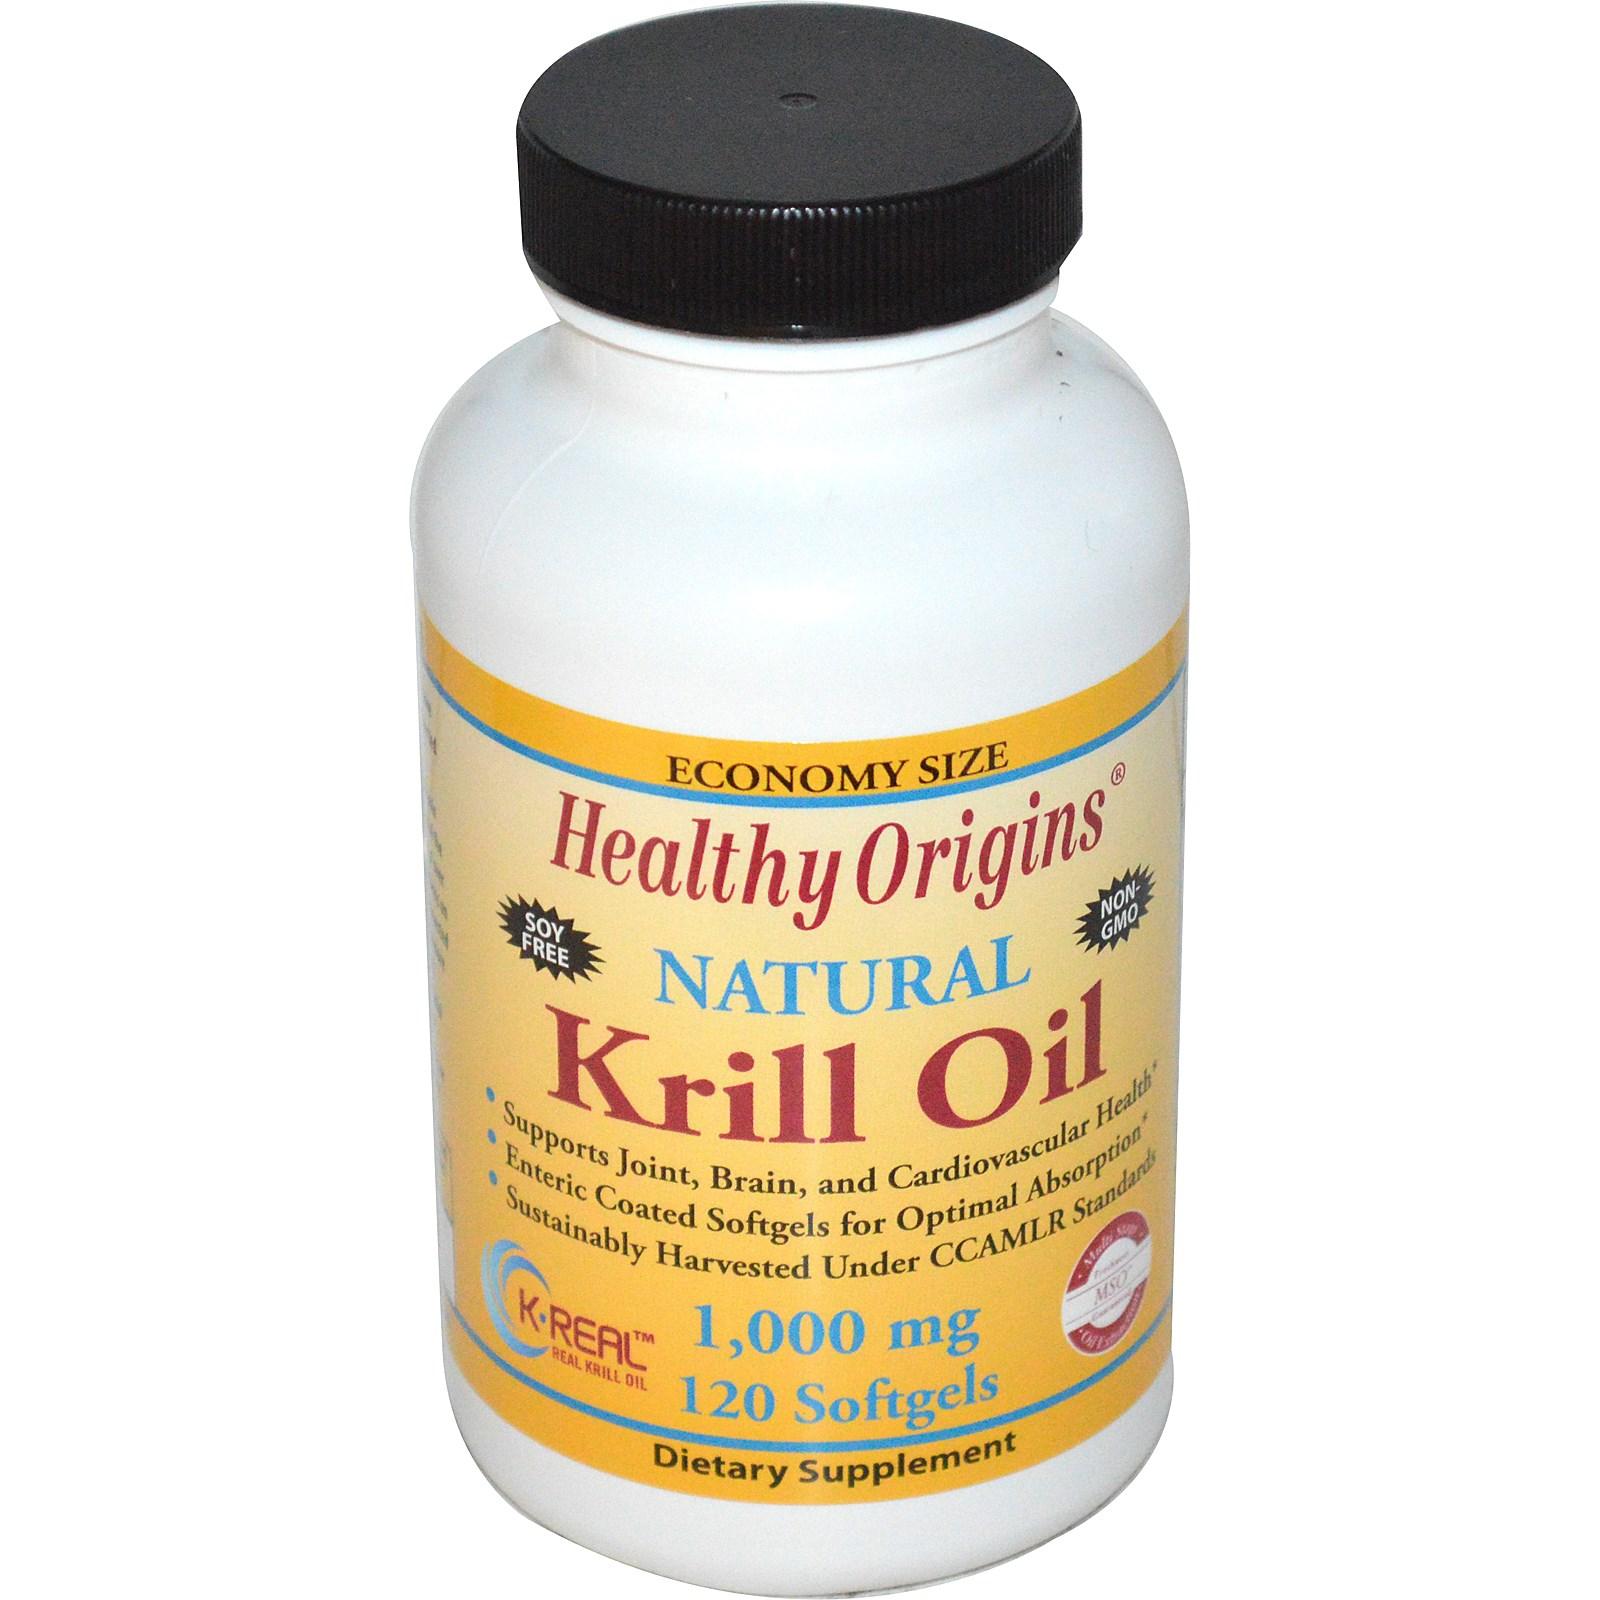 Image of Healthy Origins, Krill Oil, Natural Vanilla Flavor, 1,000 mg, 120 Softgels 0603573814564